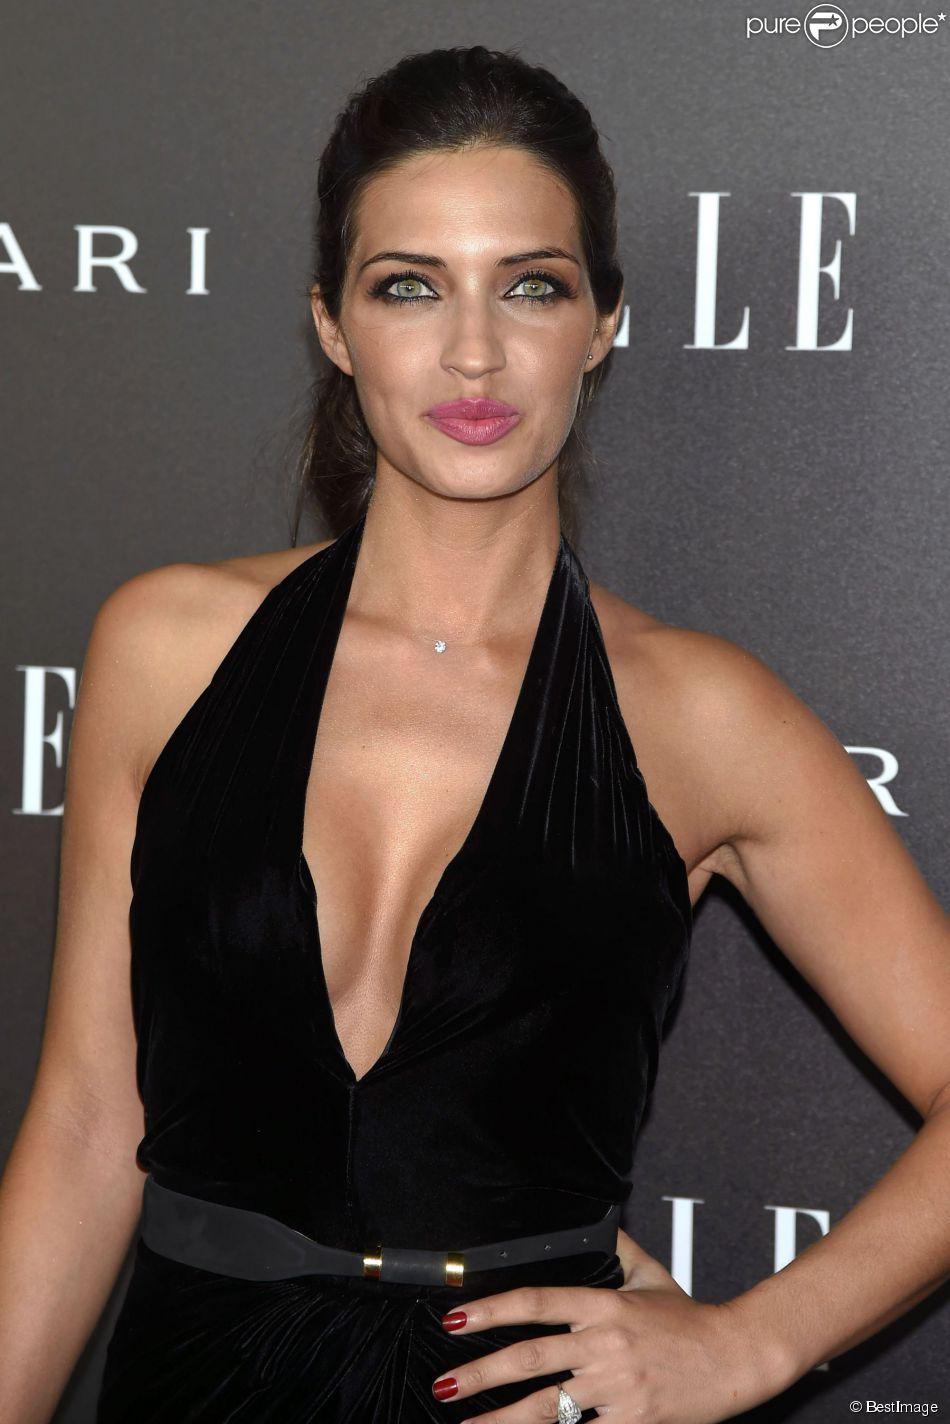 Sara Carbonero en robe très décolletée